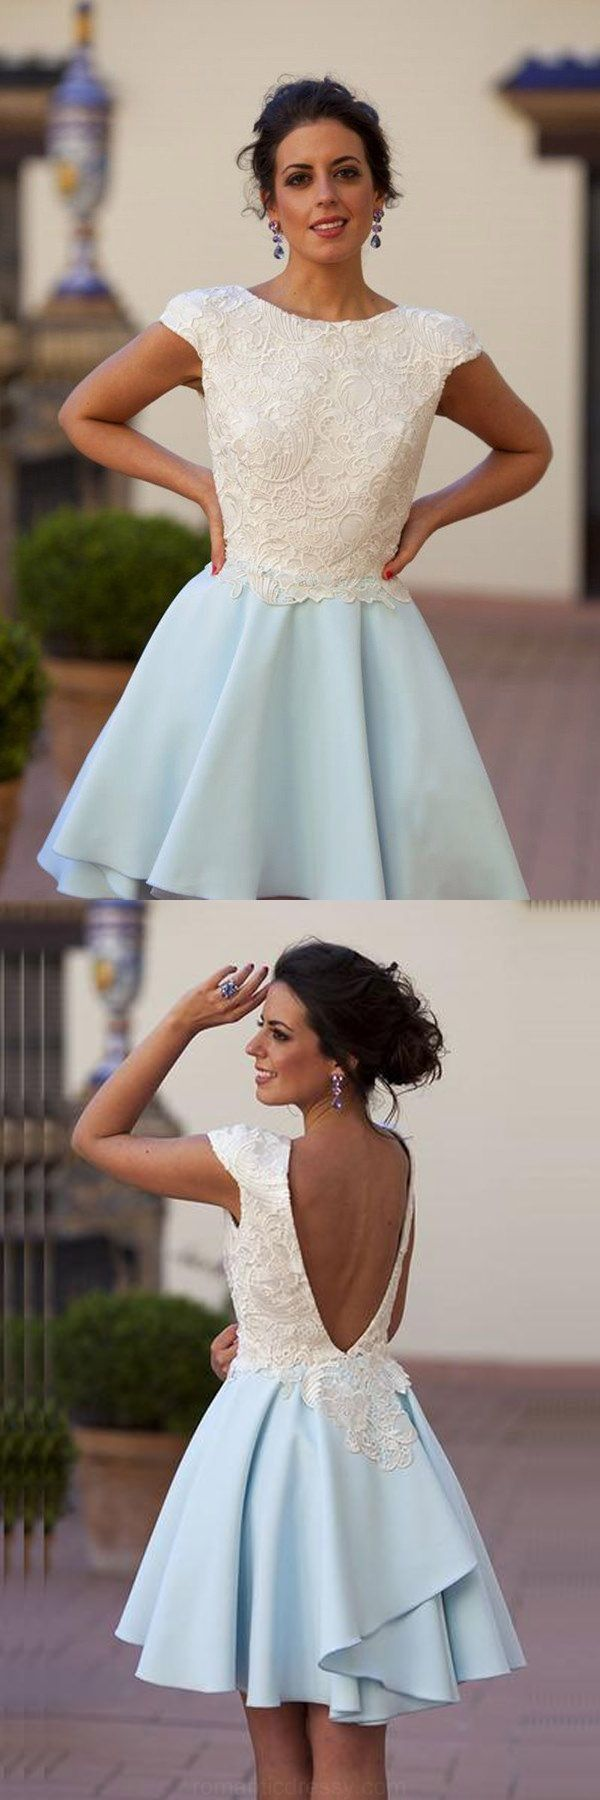 Vogue Prom Dress Wedding Dresses Bateau Knee-Length Light Blue ...